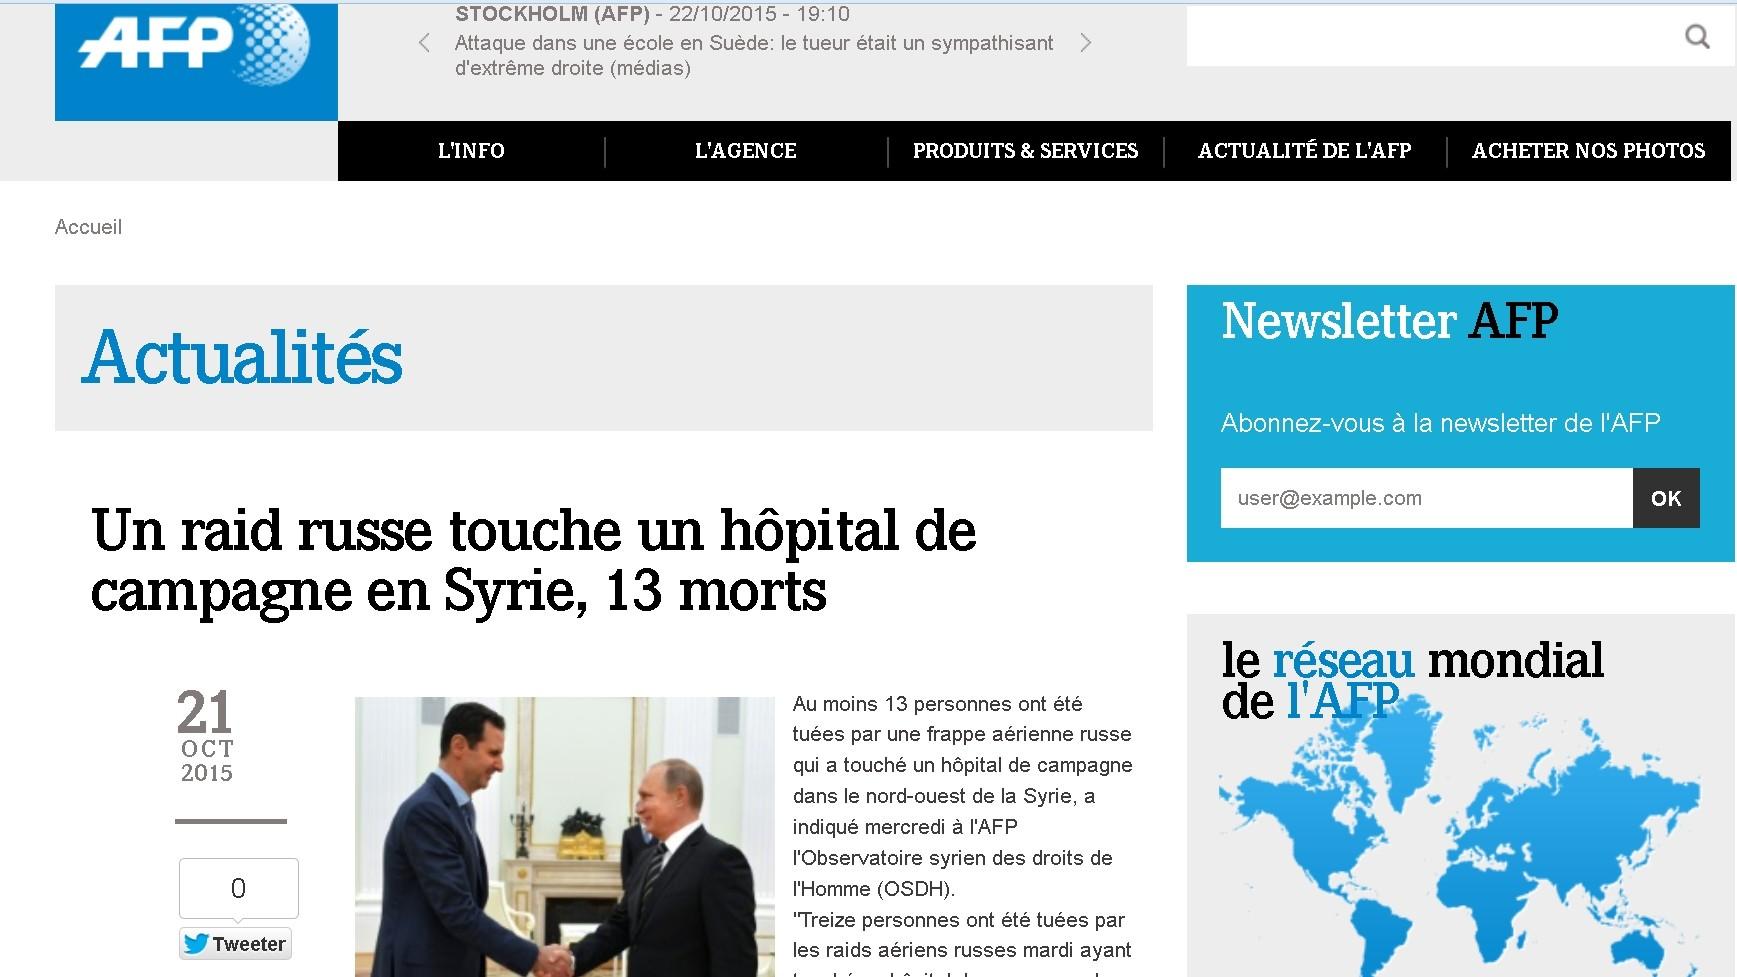 Capture d'écran du site AFP